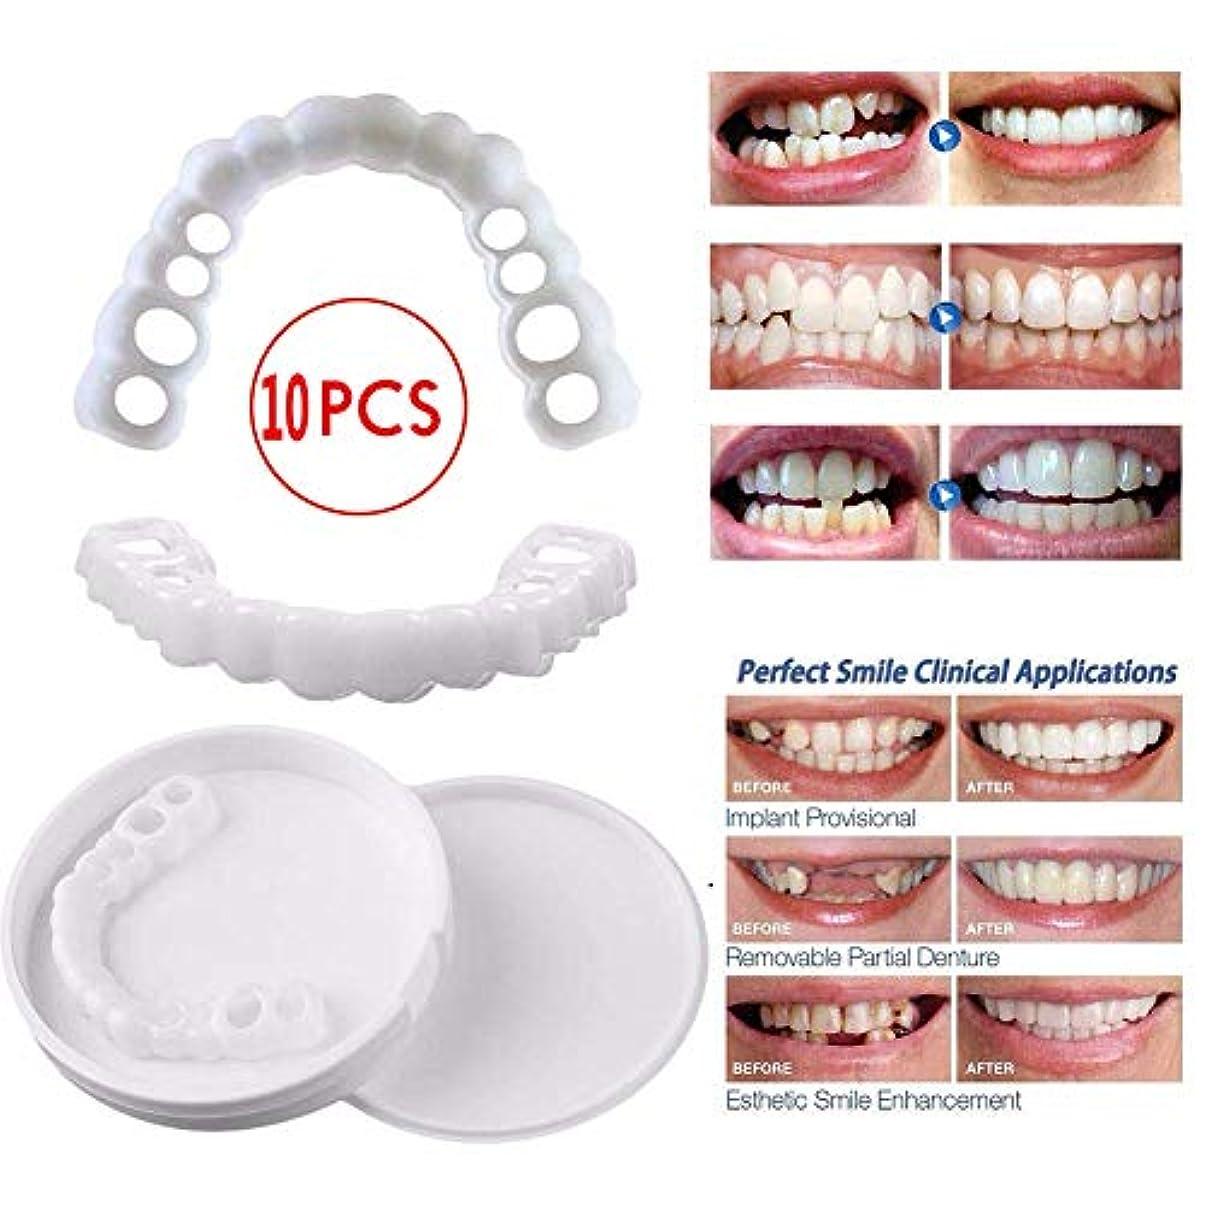 プログラムジュニア撃退する10個の一時的な歯のホワイトニング、歯の一時的な化粧品の歯の義歯歯の化粧品の収納ボックス付き偽の歯カバー,10pcsupperteeth